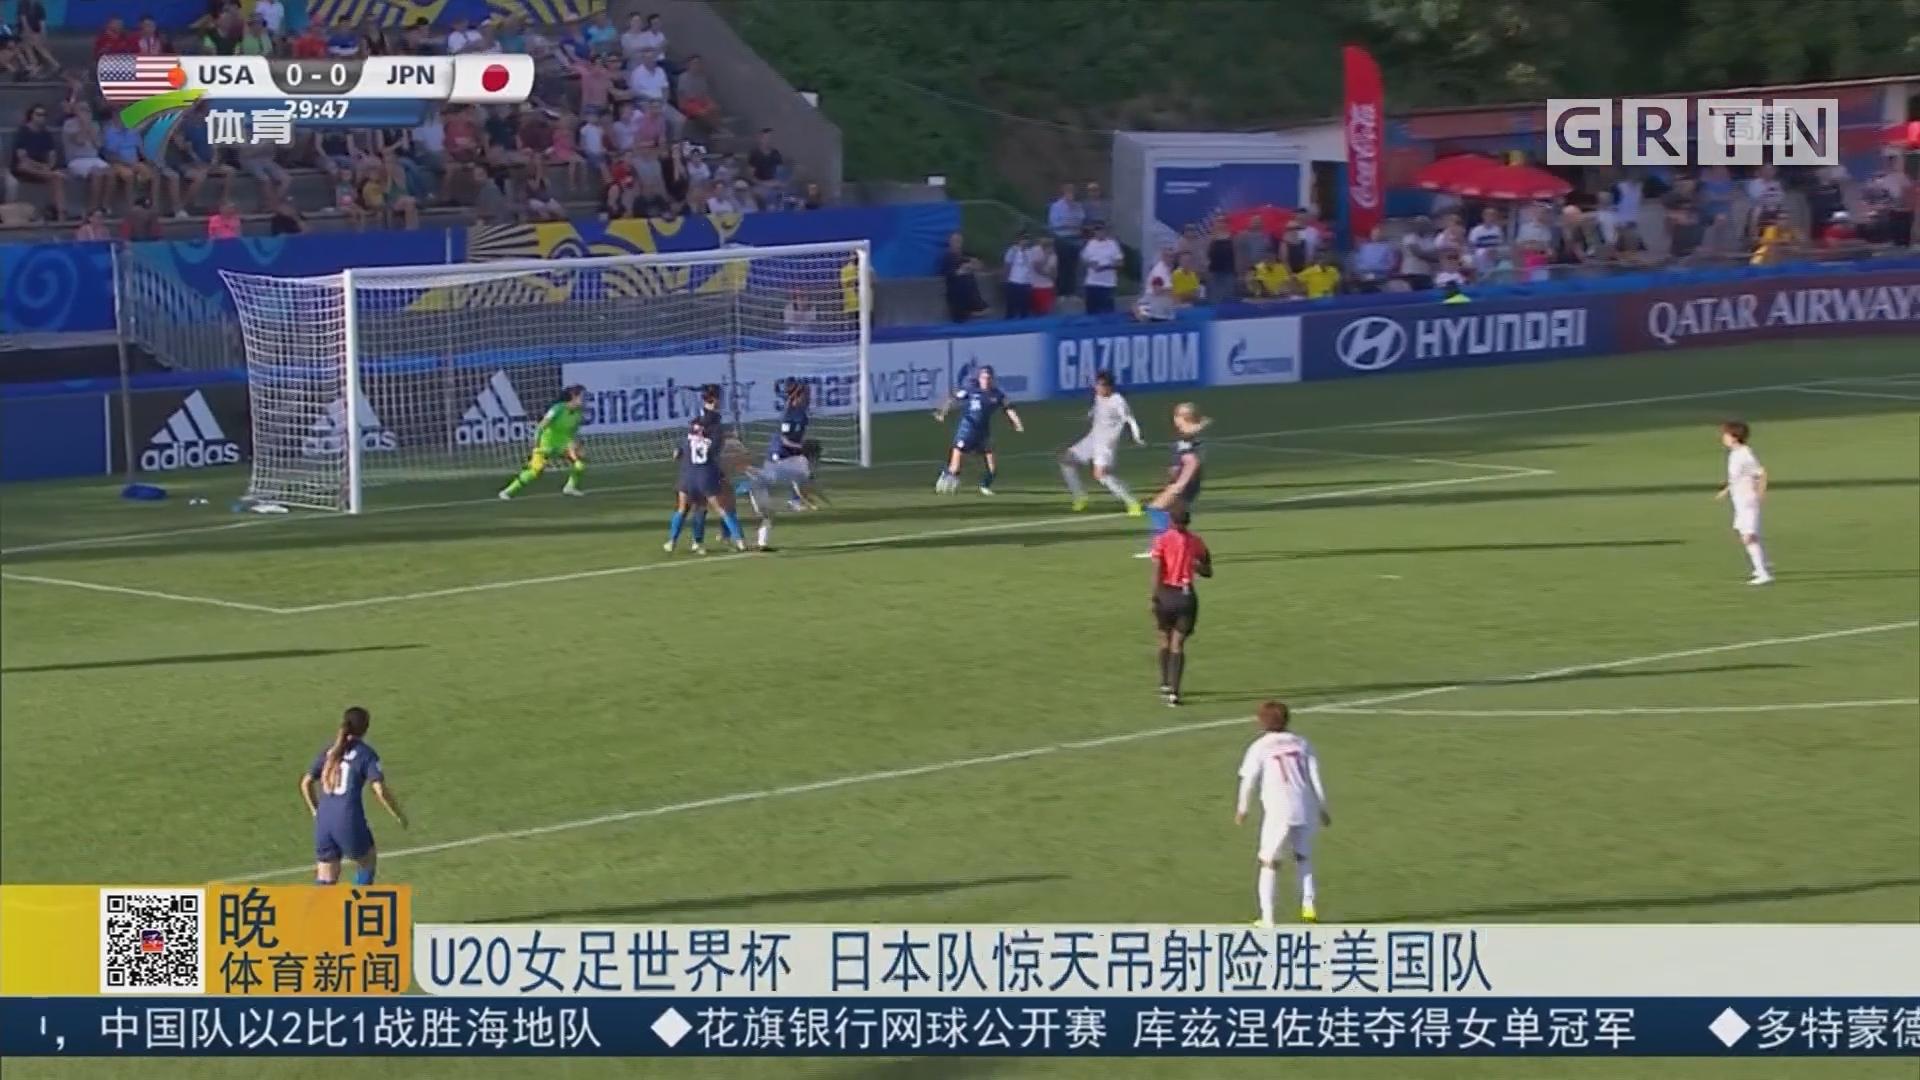 U20女足世界杯 日本队惊天吊射险胜美国队